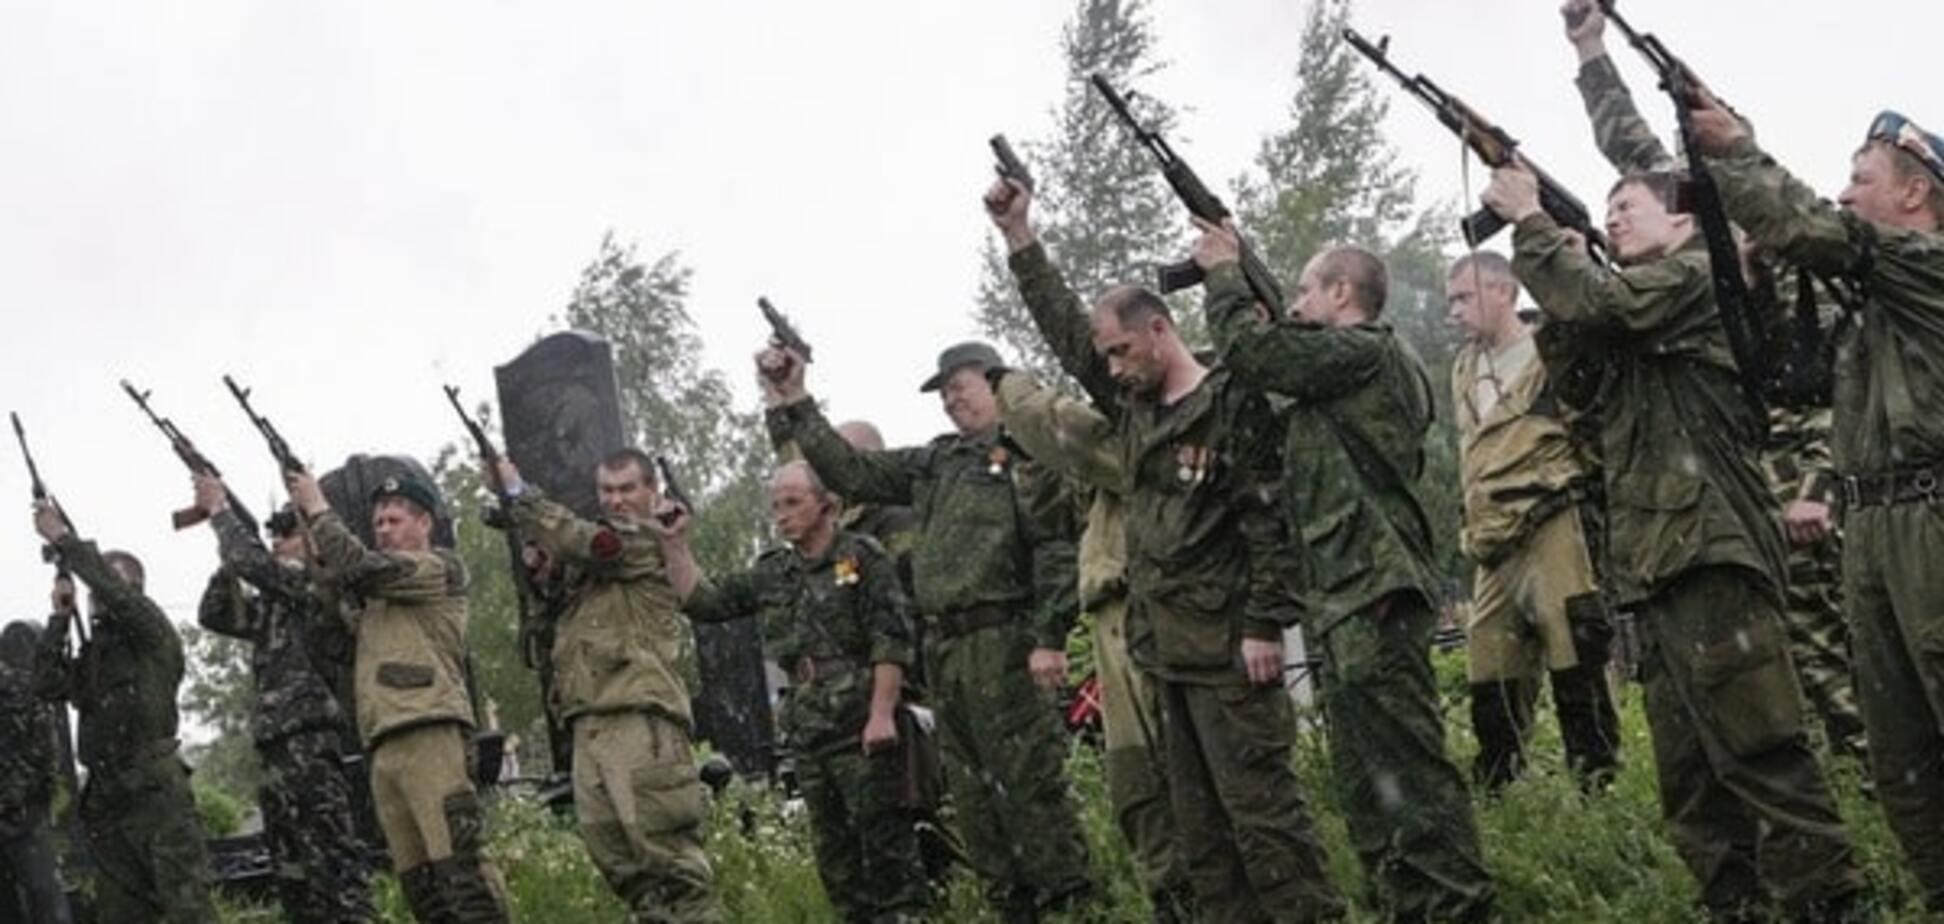 Загострення в АТО: терористи влаштували масові атаки під Донецьком